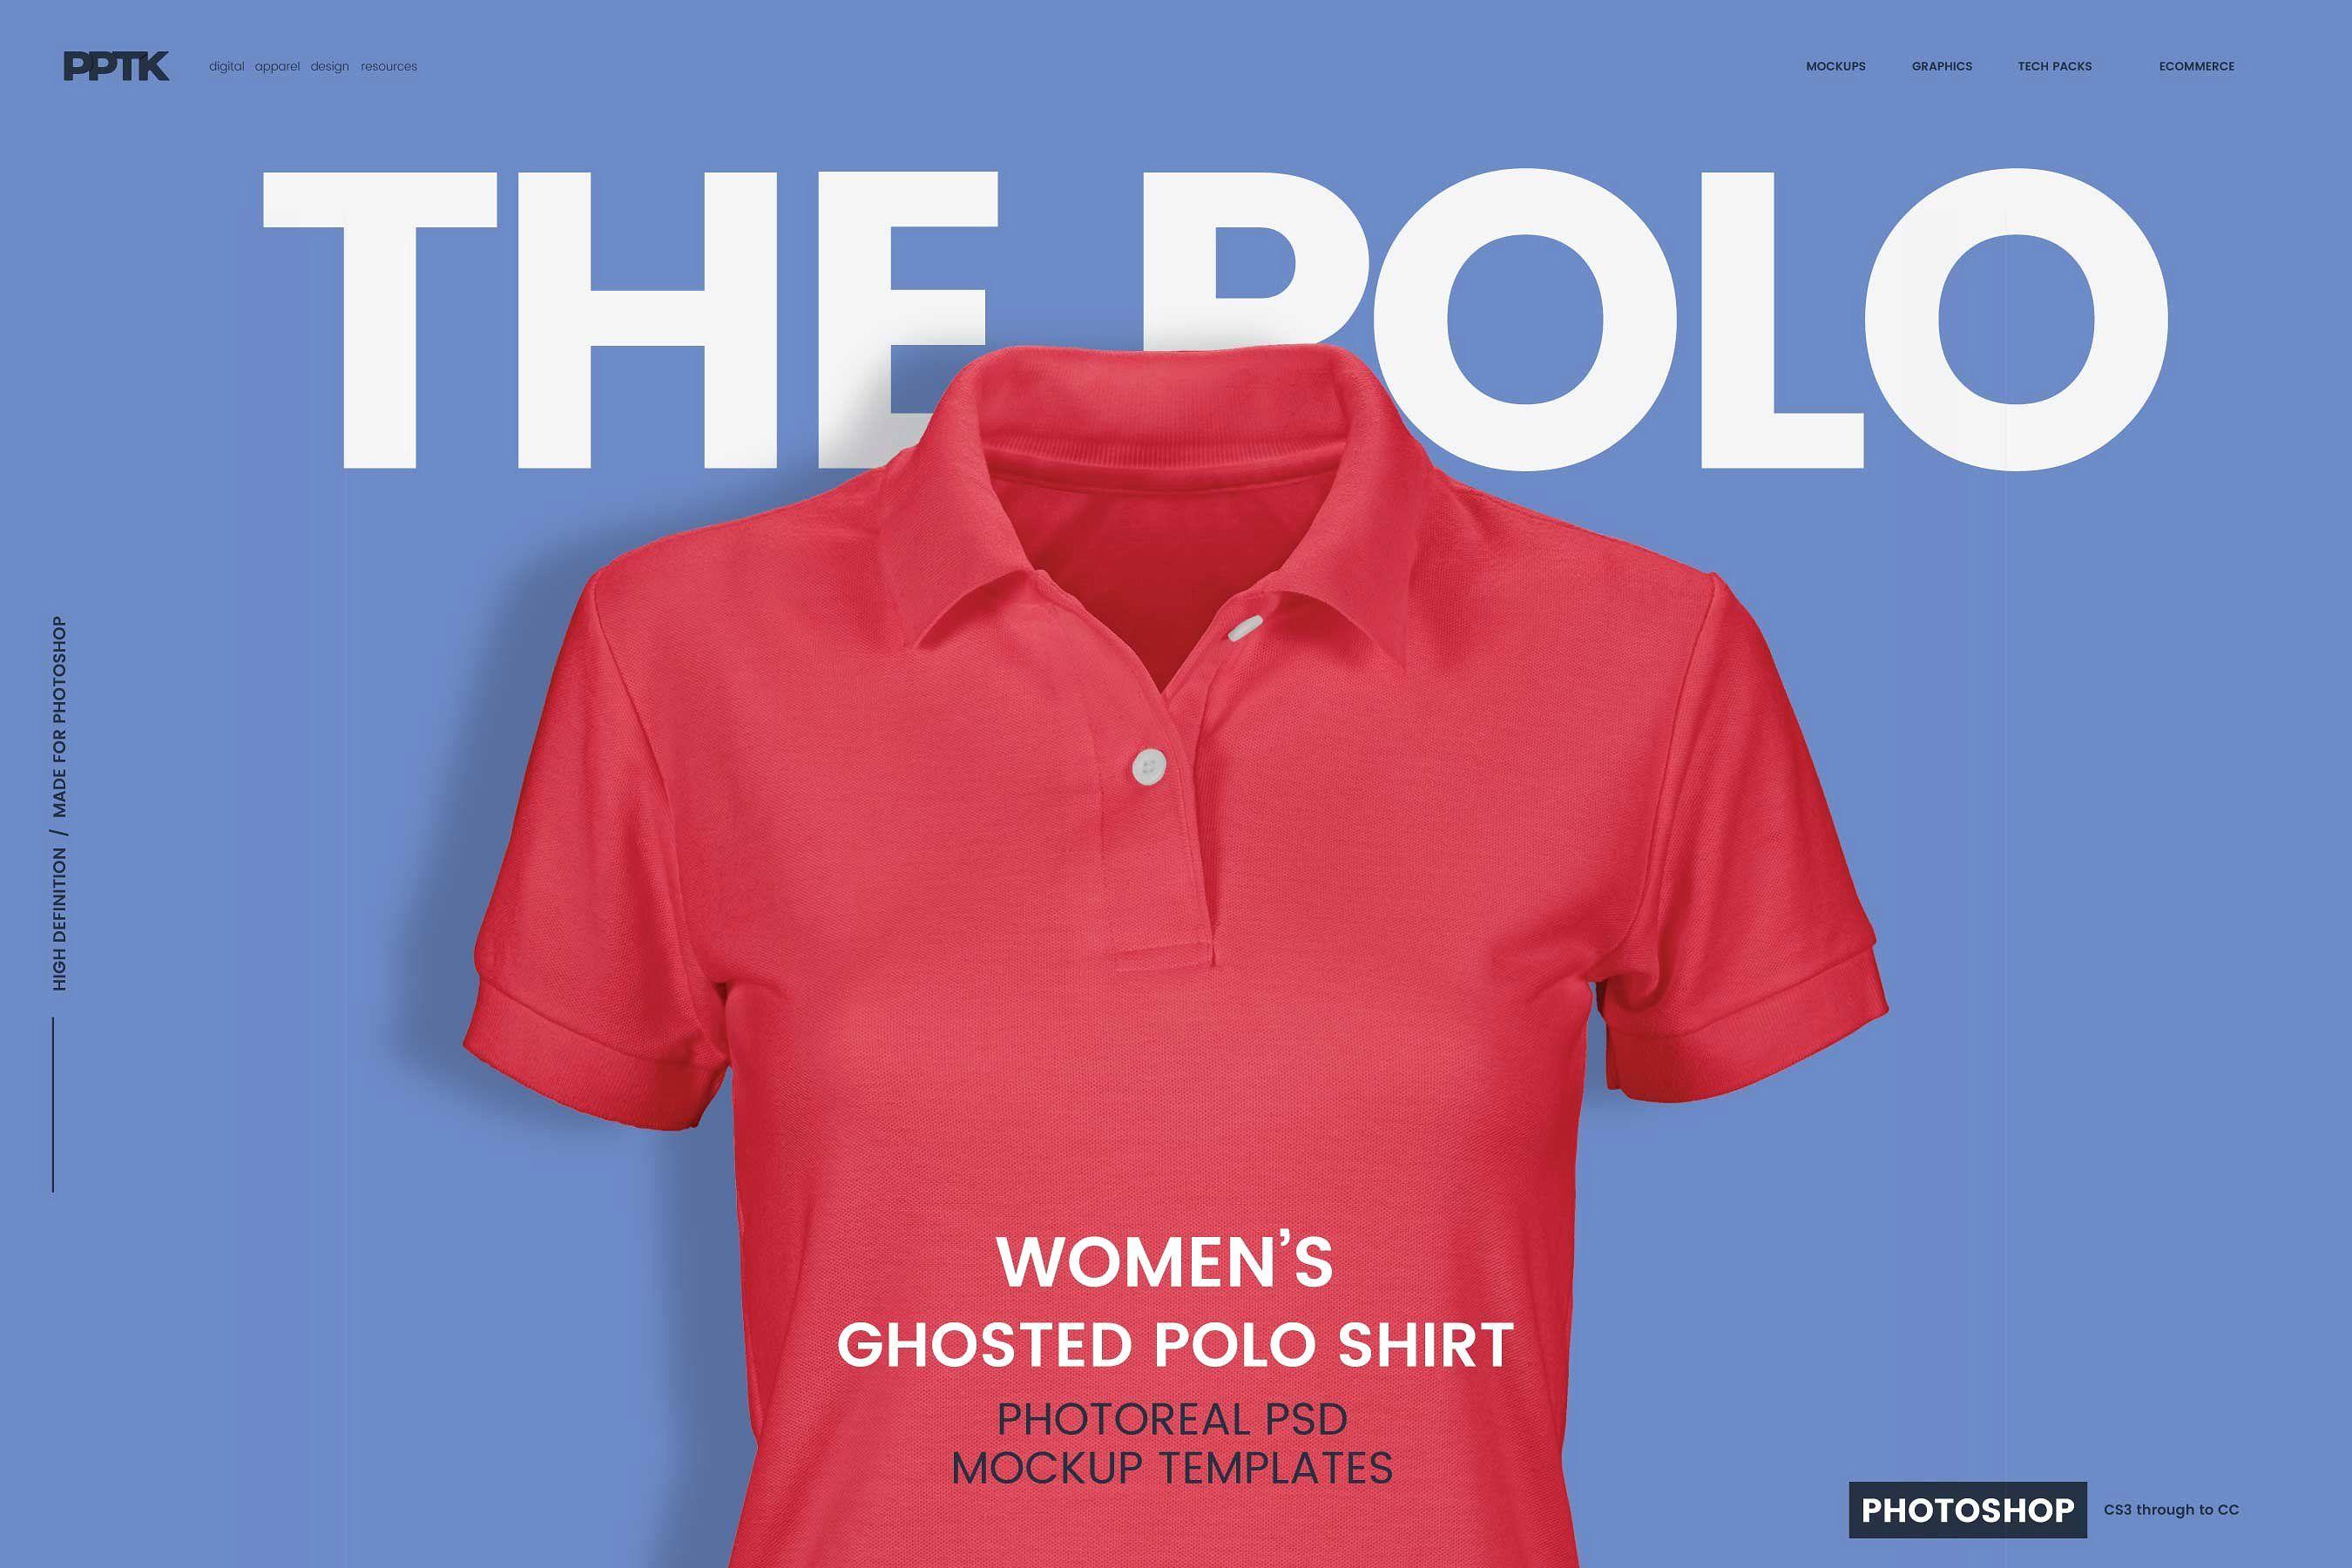 Polo T Shirt Mockup Front And Back Psd Free Womens Ghosted Polo Shirt Templates Shirt Template Photoshop Mockup Mockup